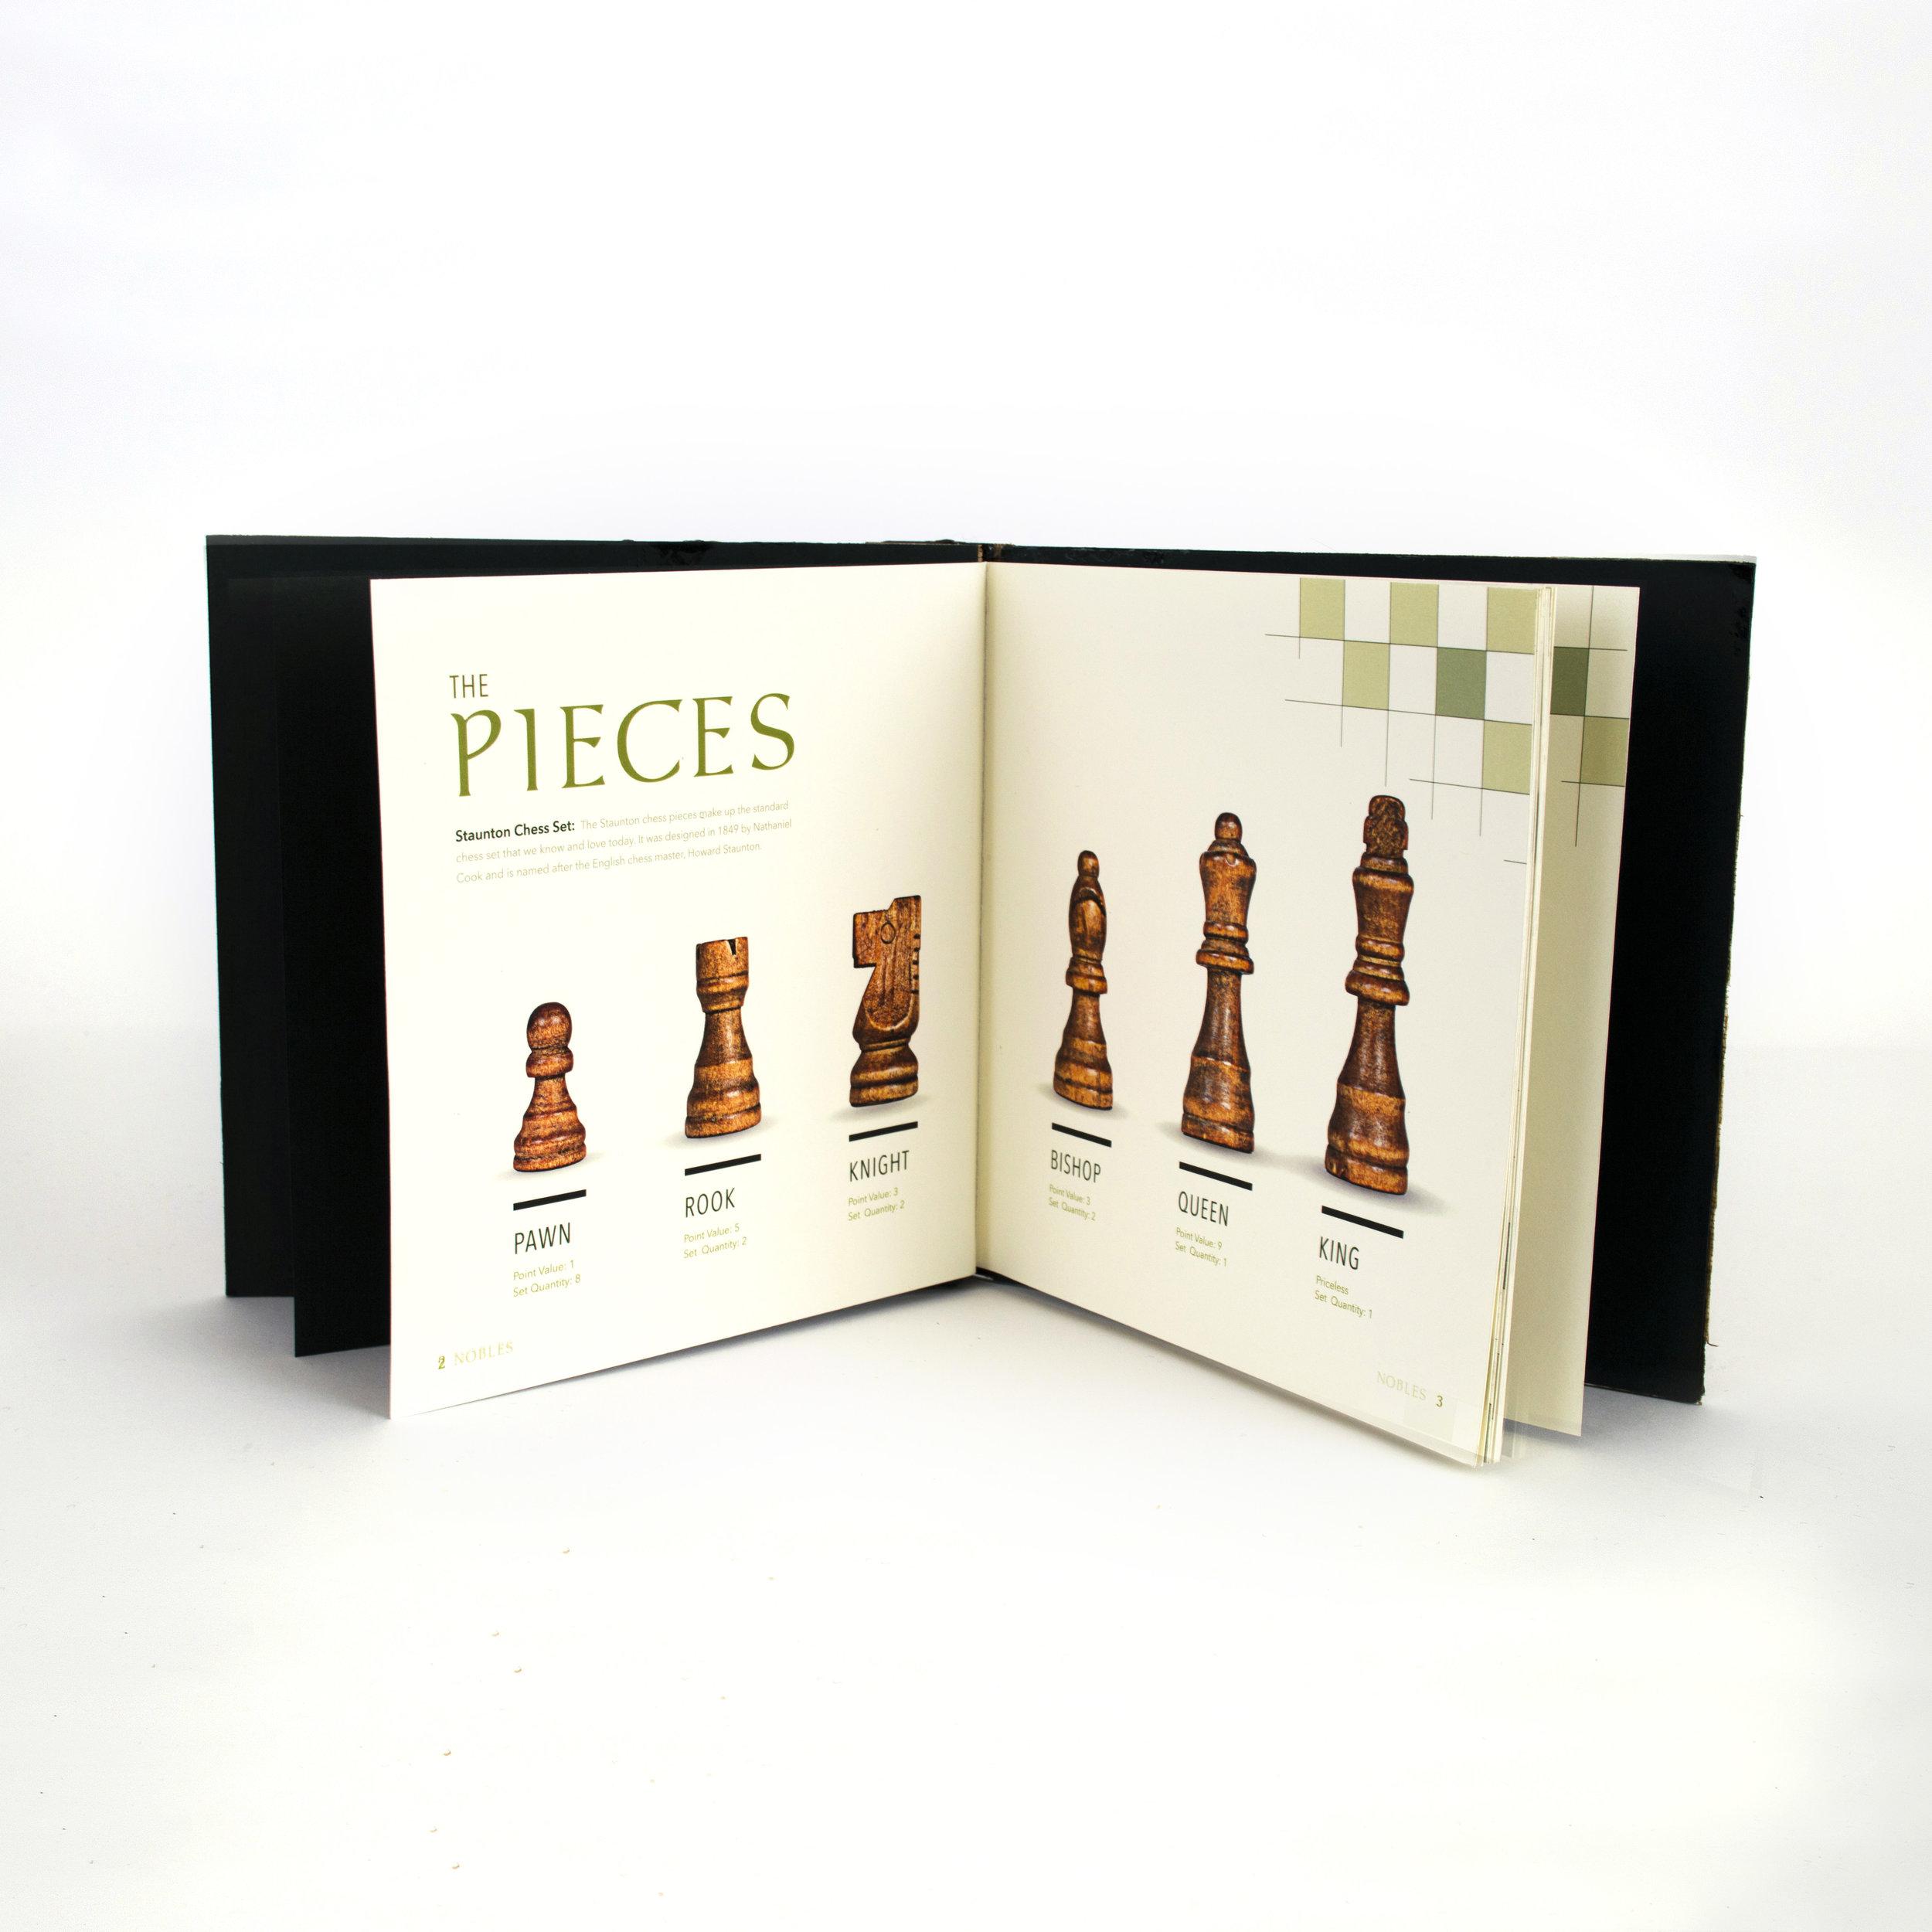 Pieces-edit.jpg